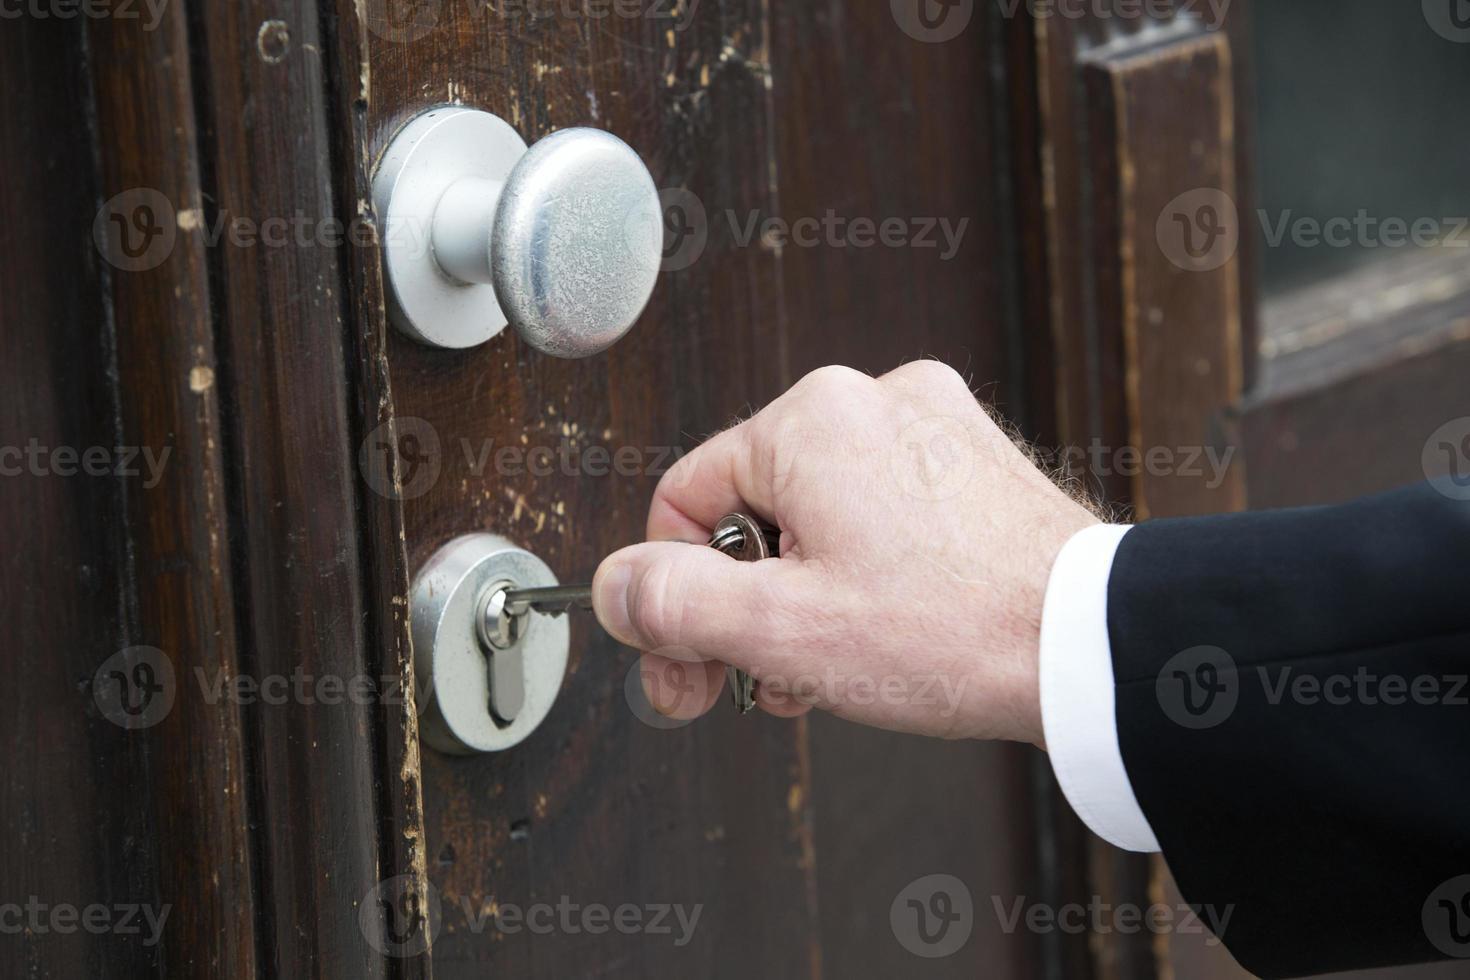 närbild av handen med nyckel vid en dörr foto